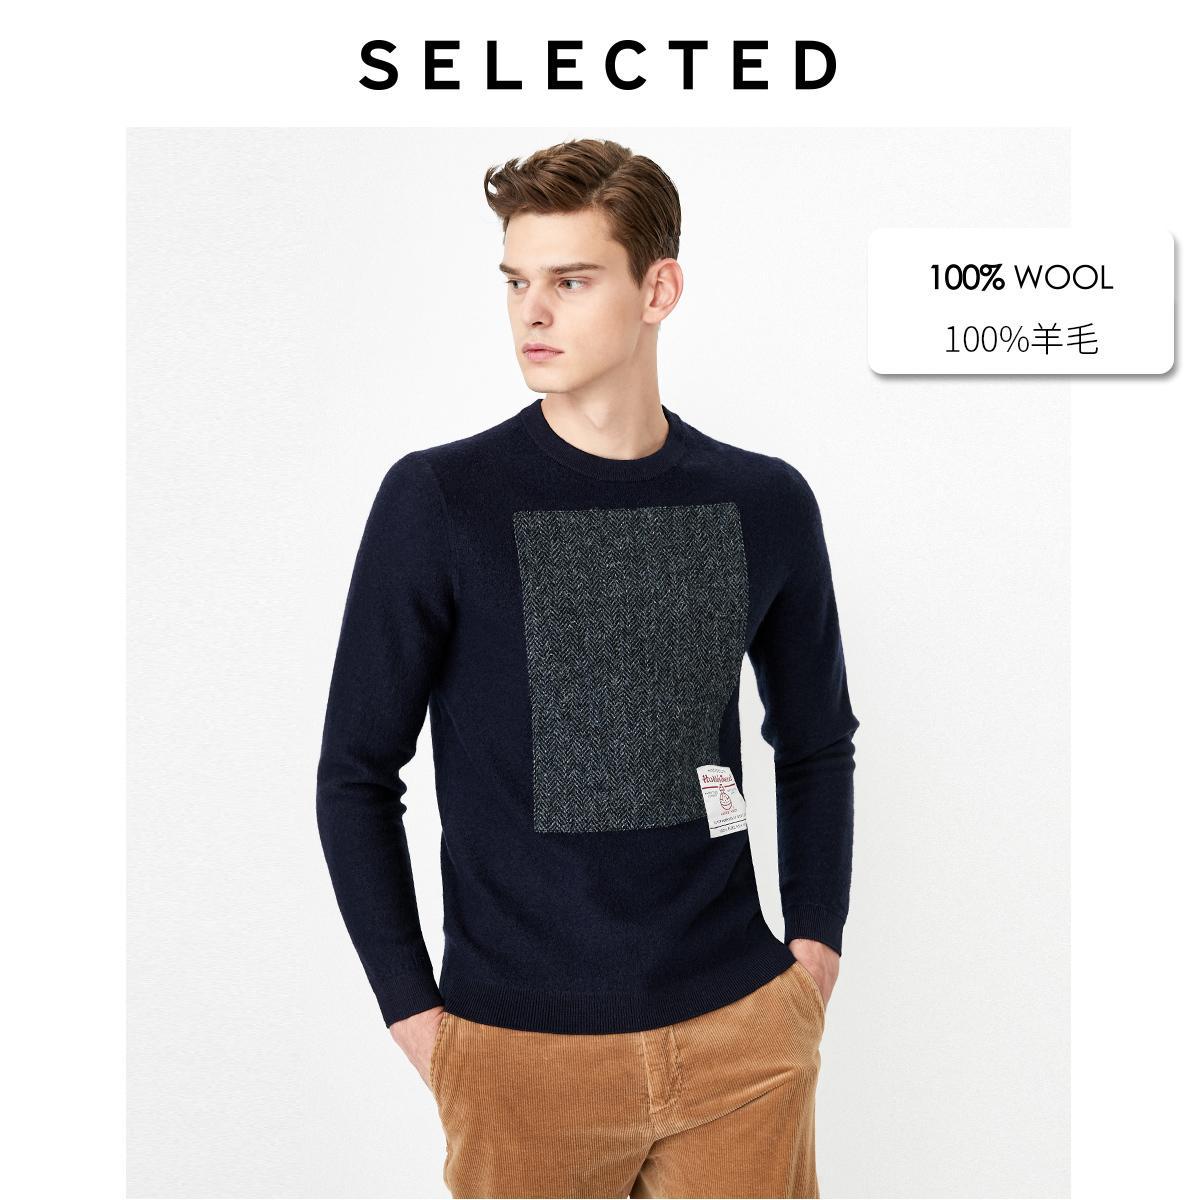 SÉLECTIONNÉ 100% laine coutures contrastantes tricot en laine Sweater R   419424540